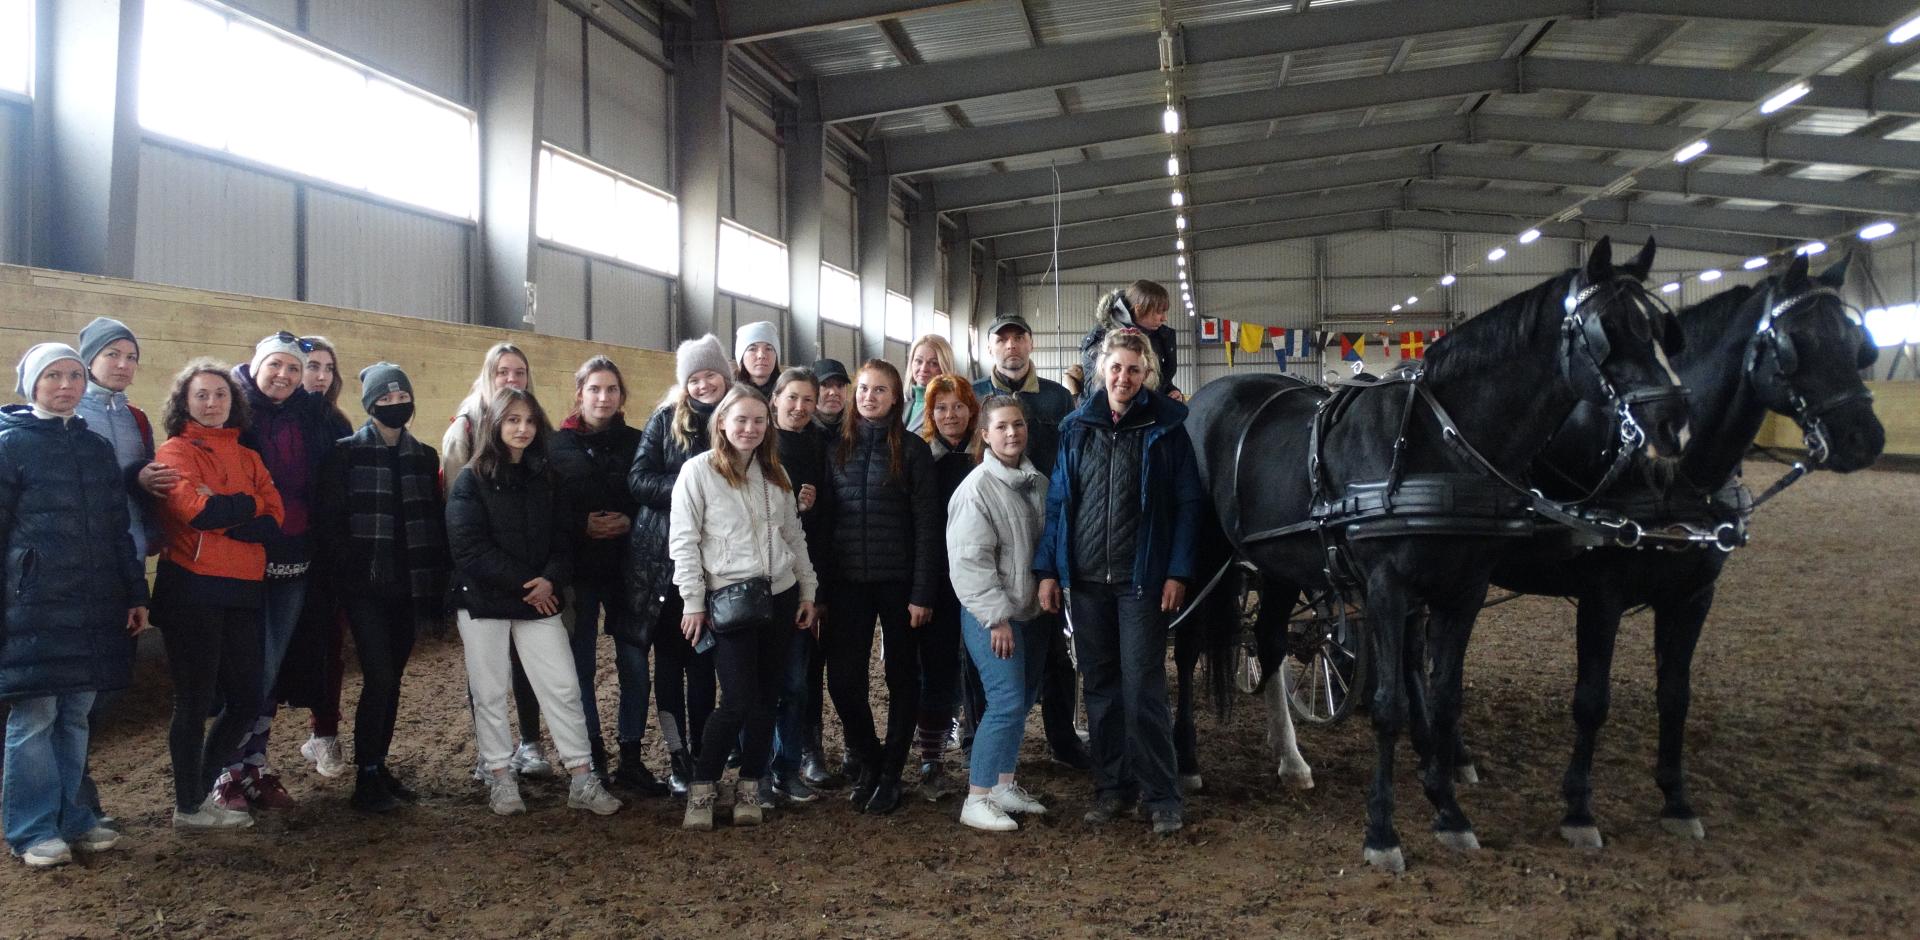 Экскурсия по Царскосельской ферме Госурственного музея заповедника